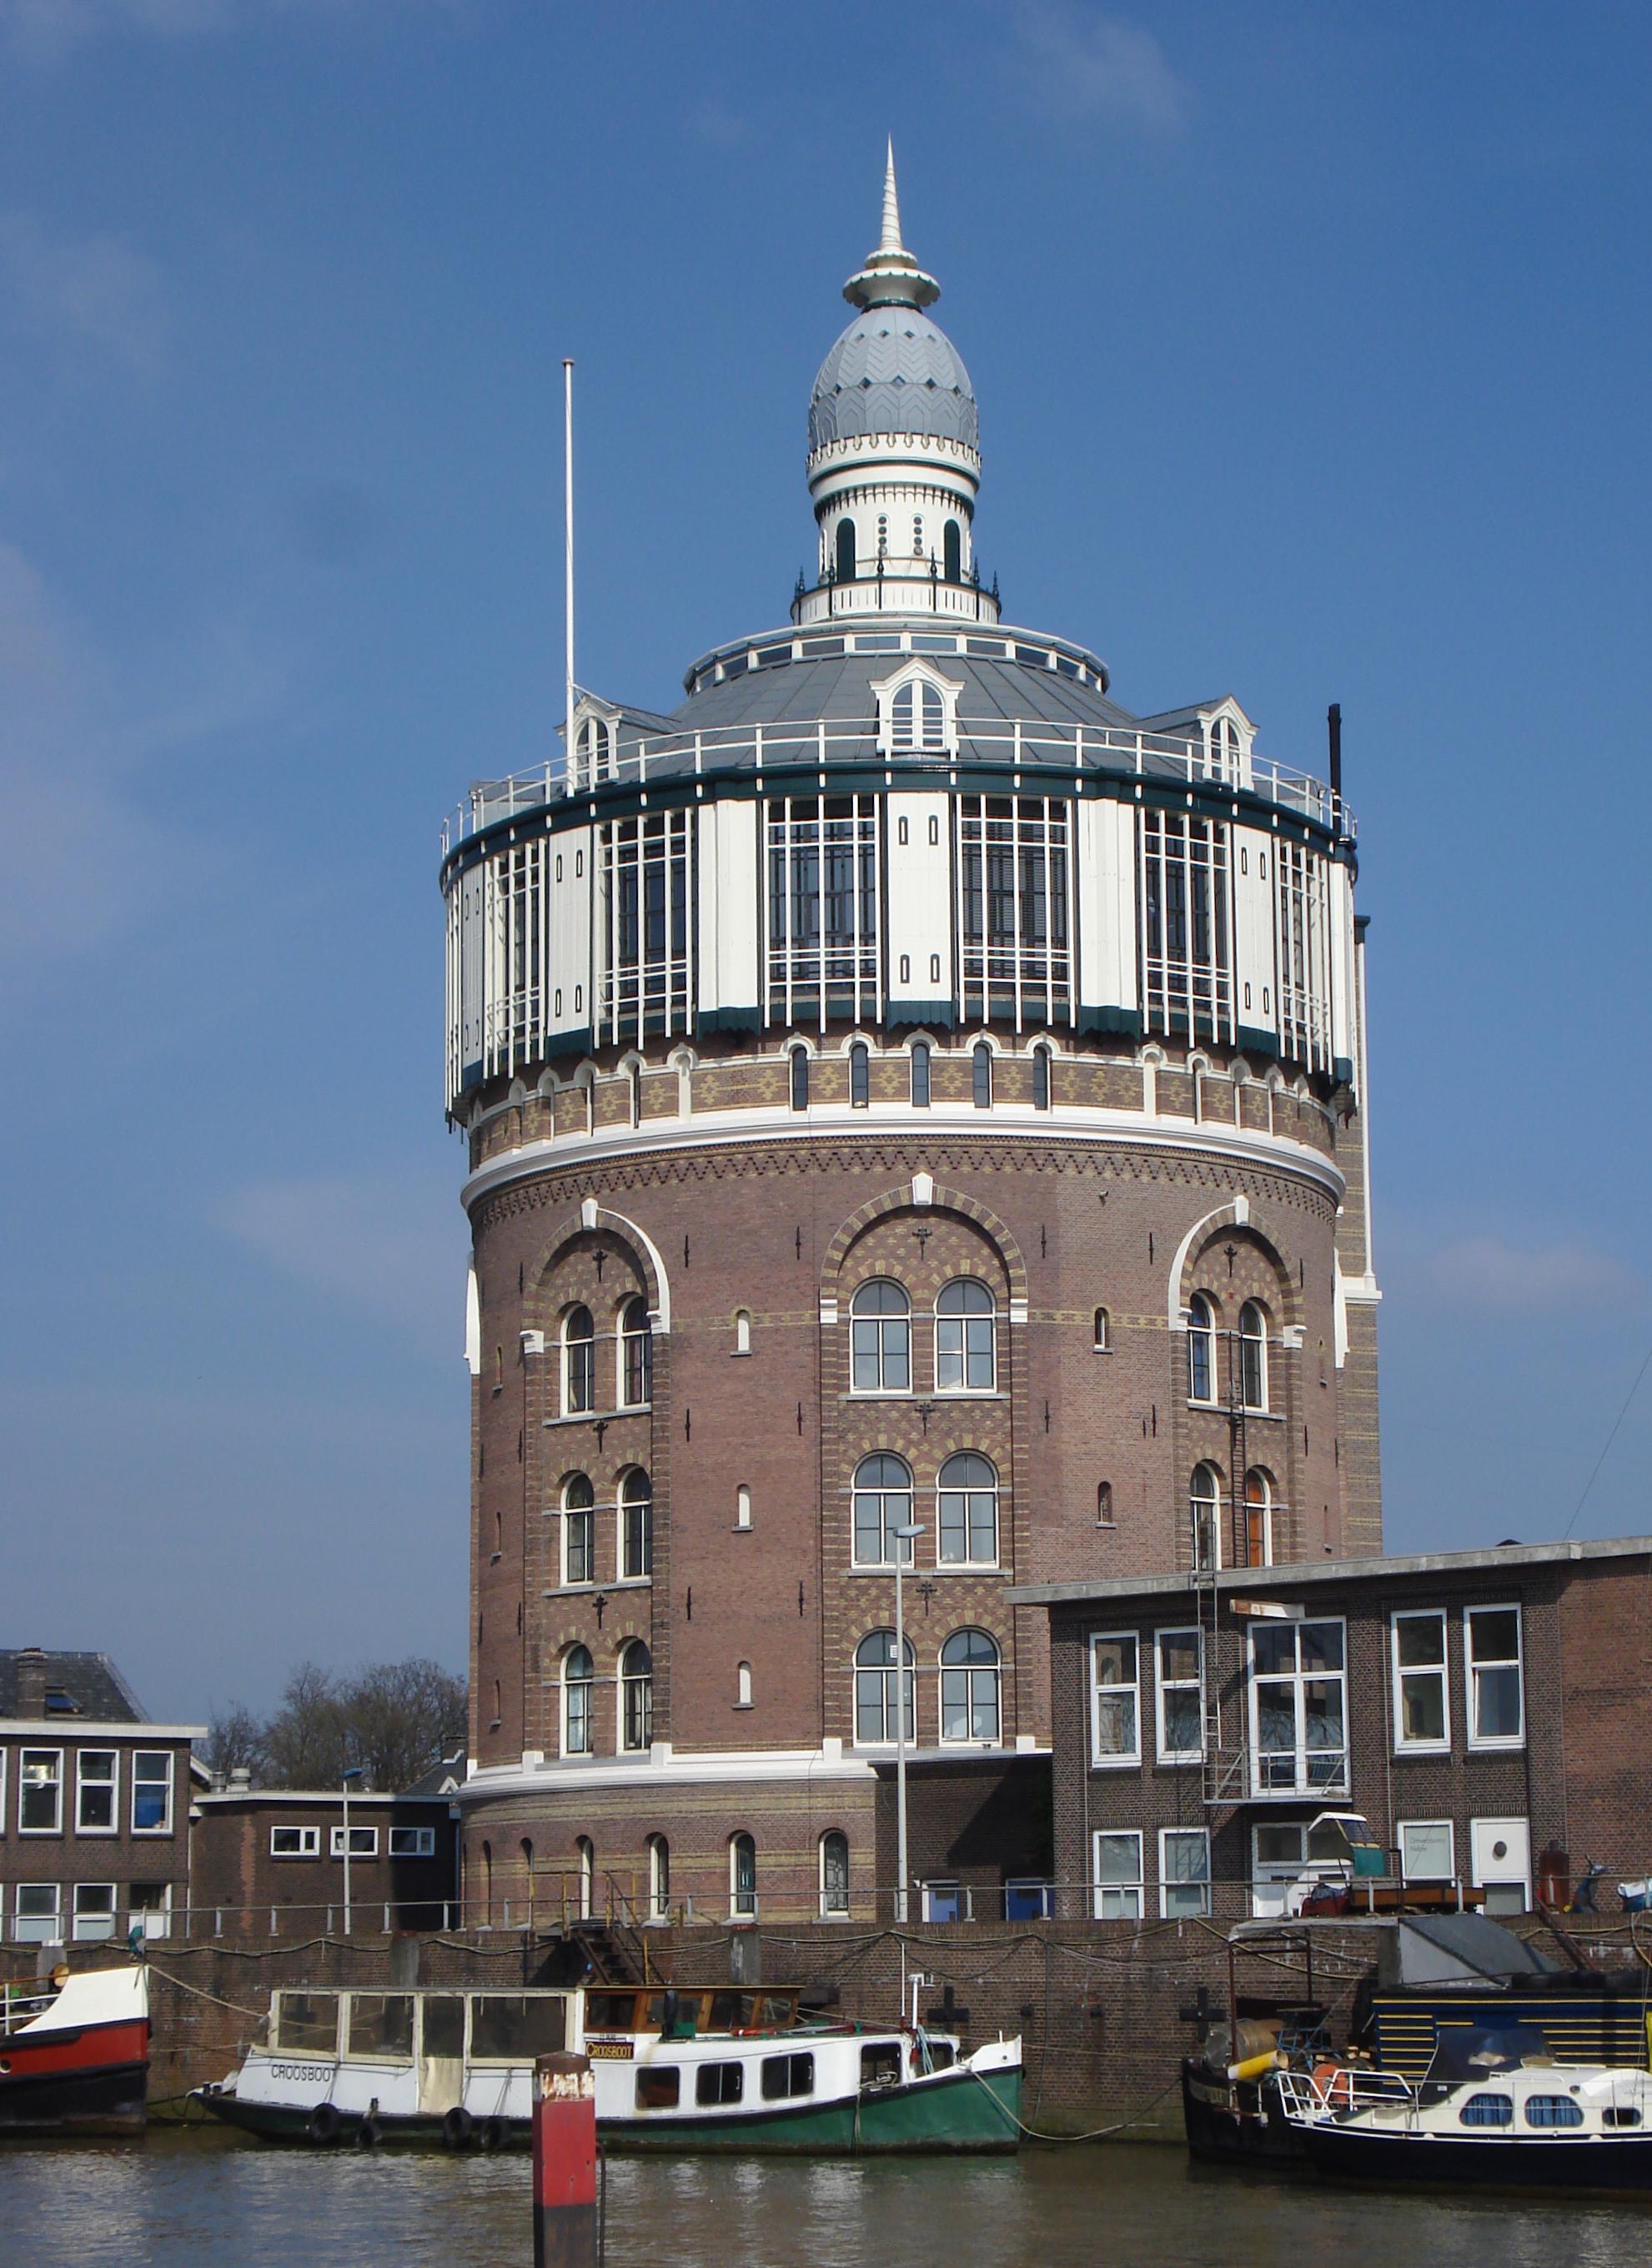 De Esch in Rotterdam